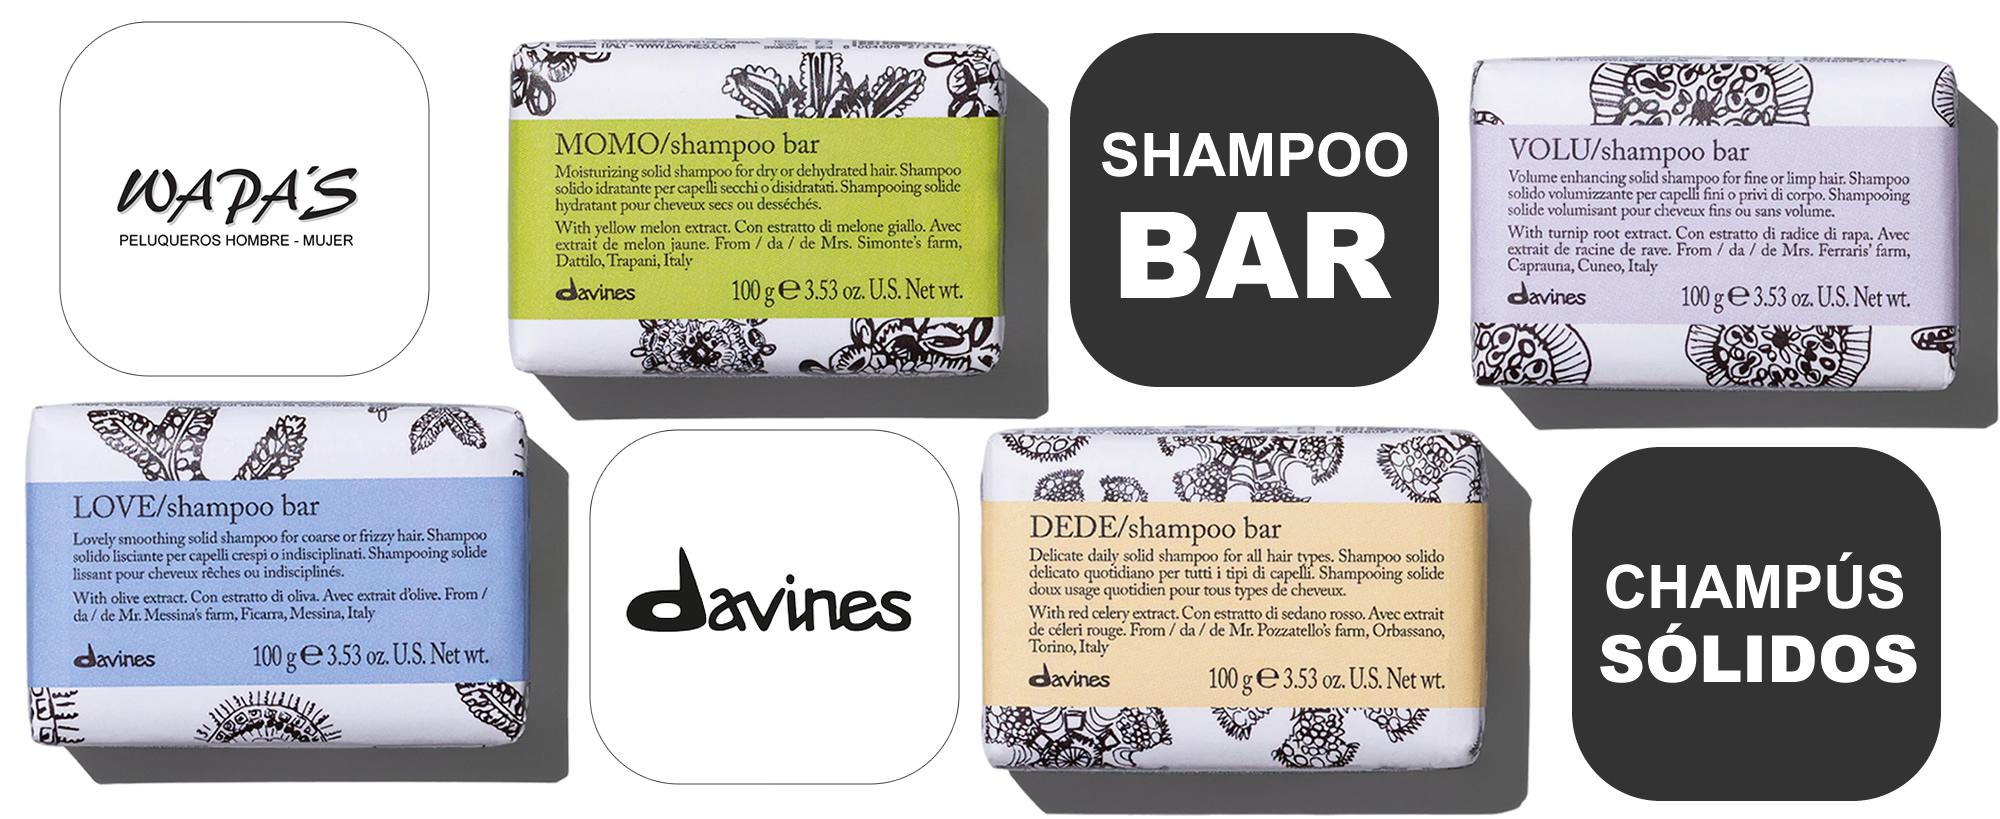 davines shampoo bar